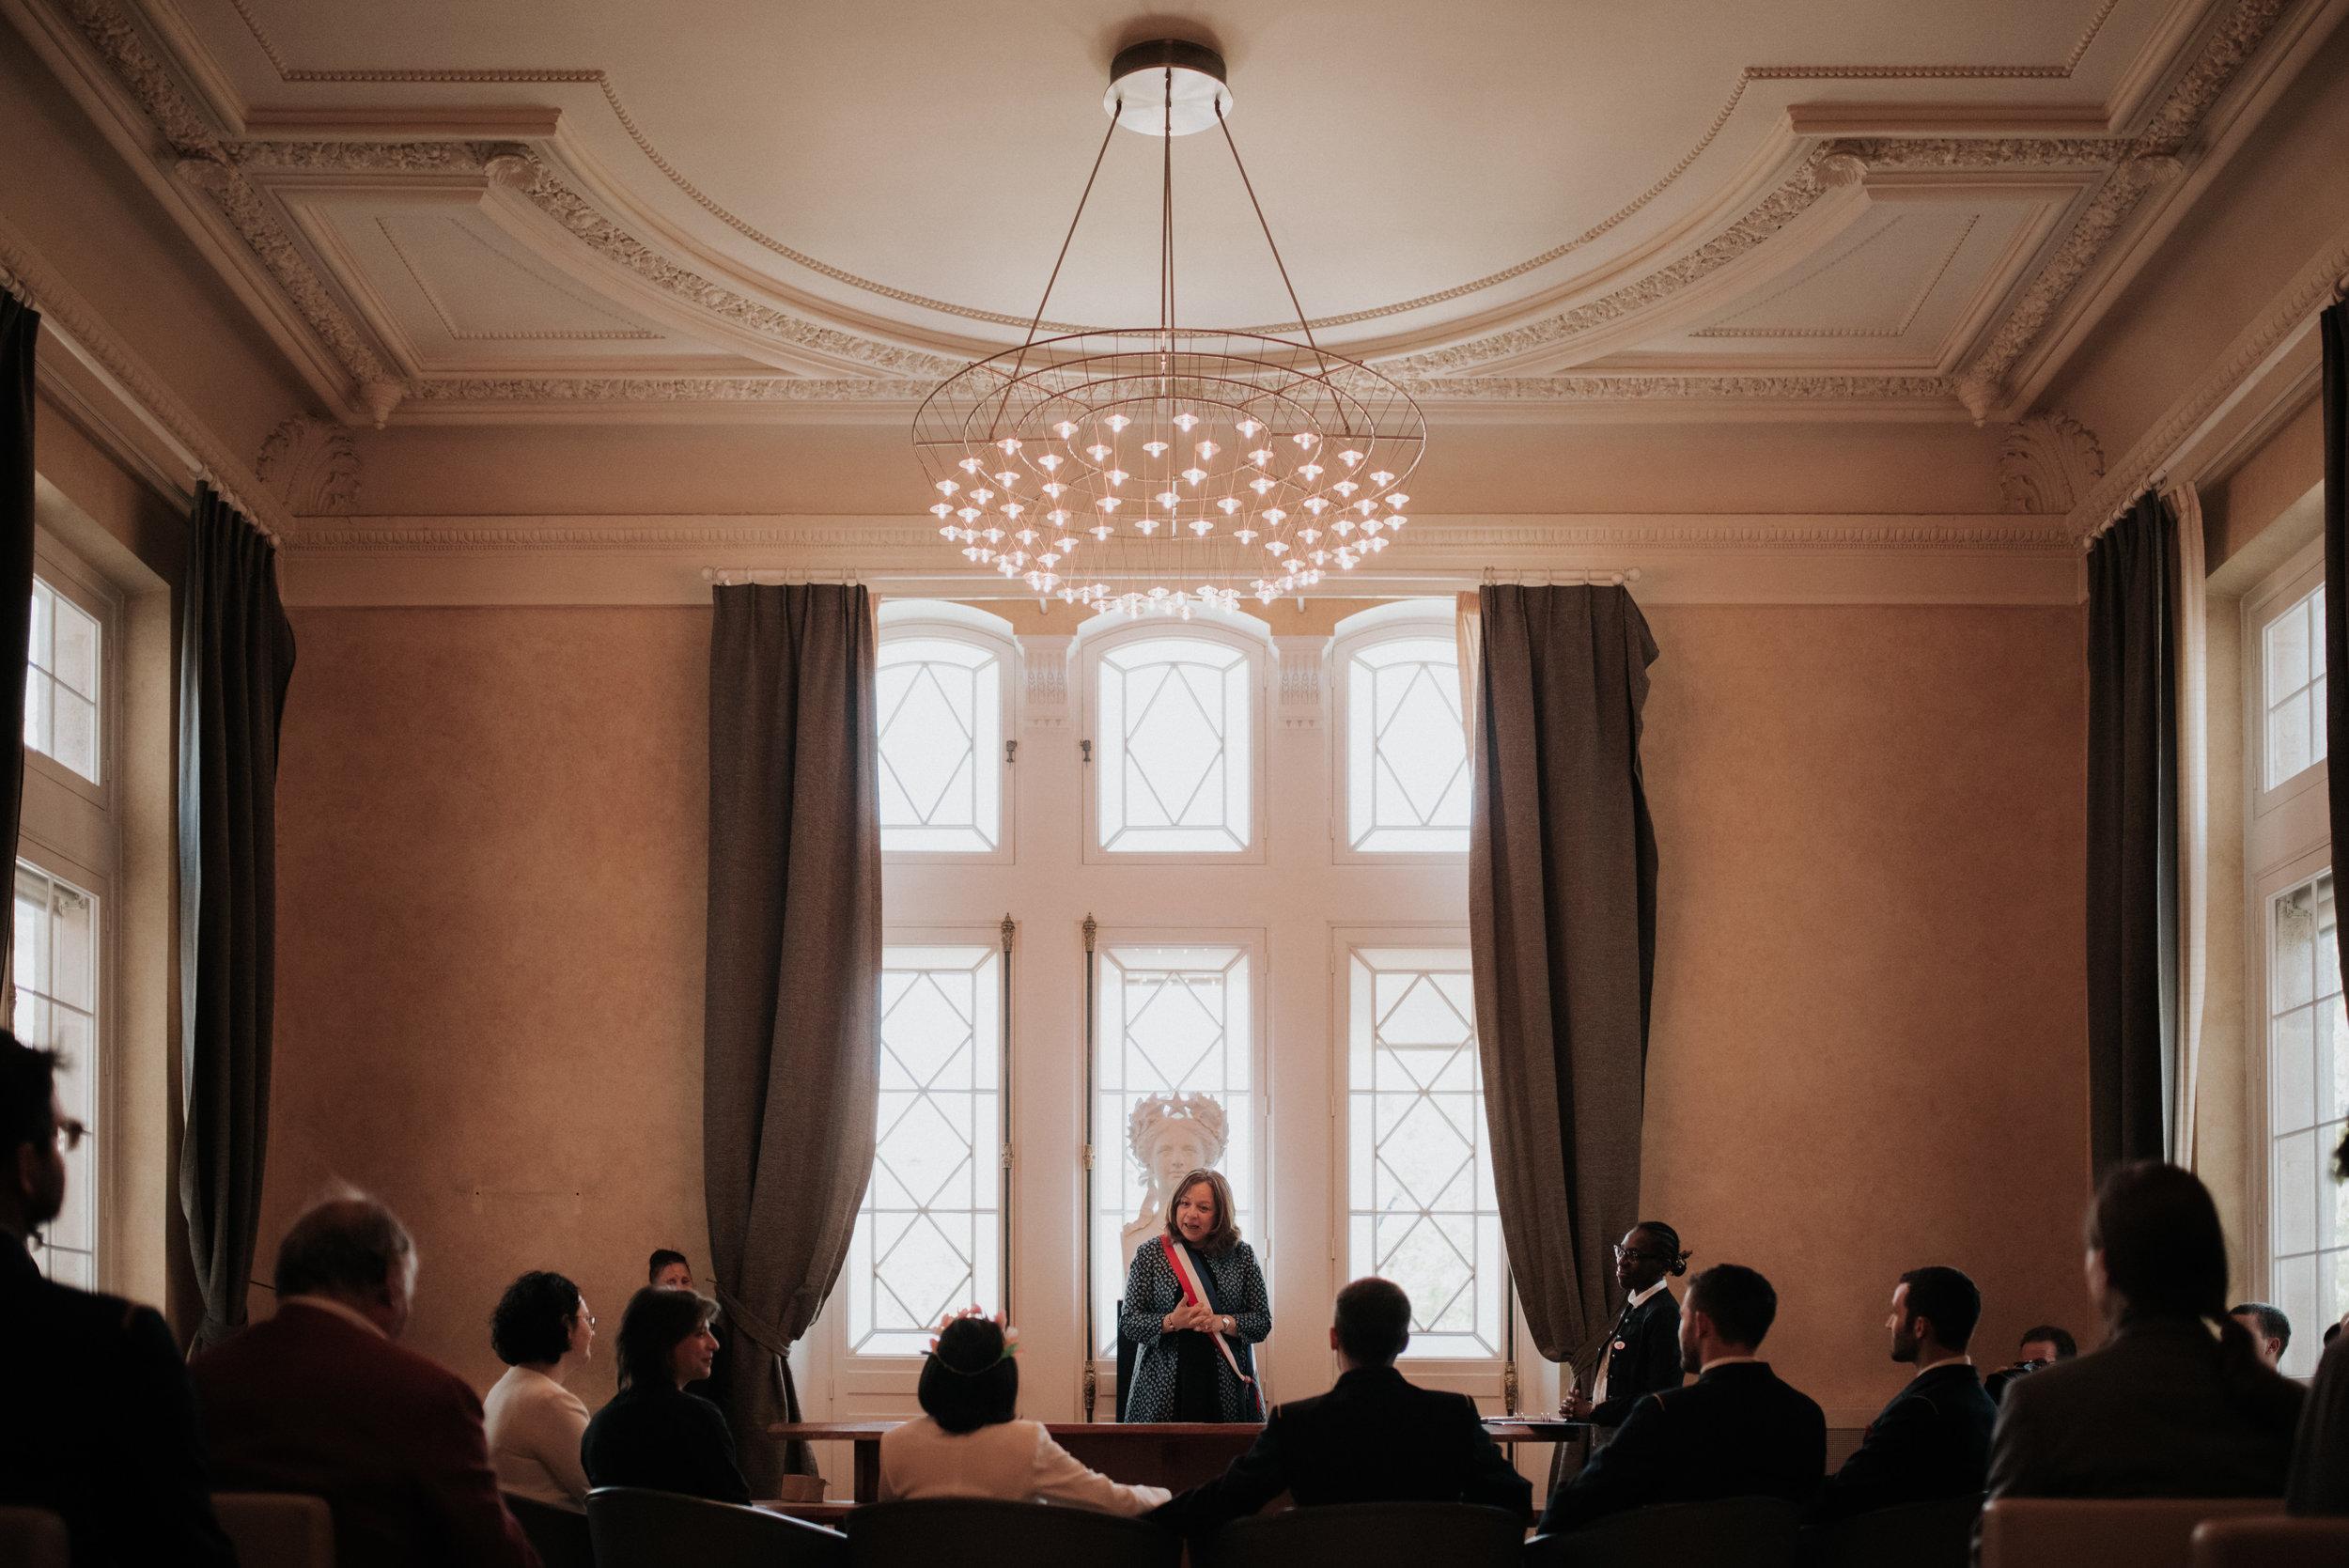 Léa-Fery-photographe-professionnel-lyon-rhone-alpes-portrait-creation-mariage-evenement-evenementiel-famille-2-35.jpg